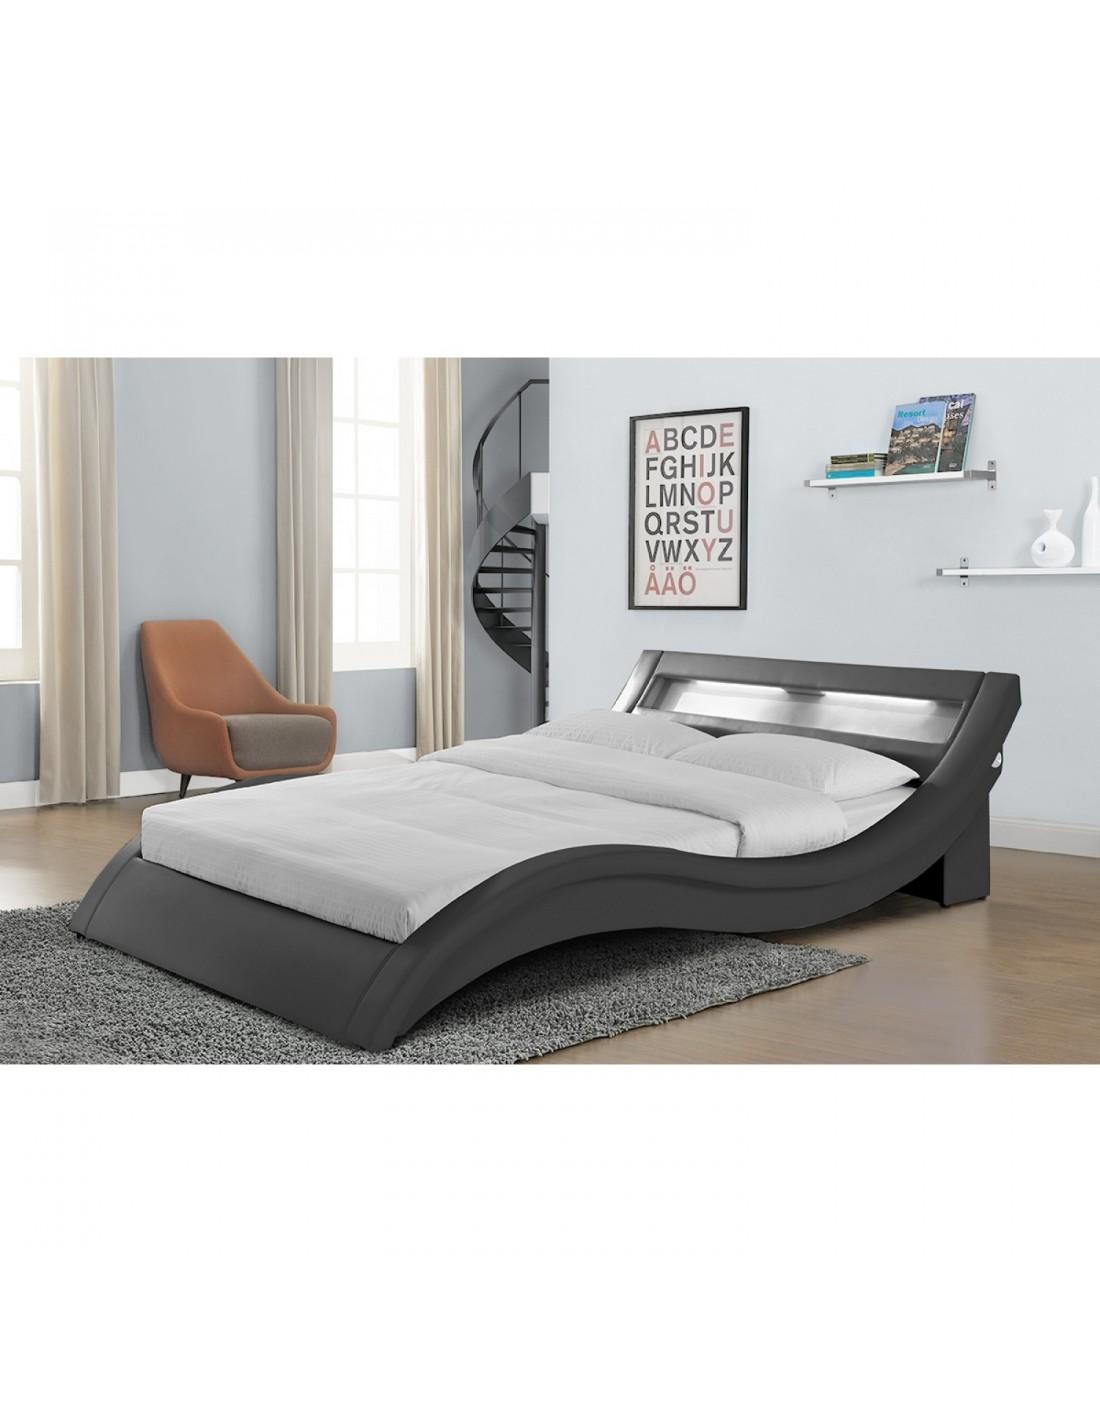 lit cloe simili cuir gris avec led 140 x 190